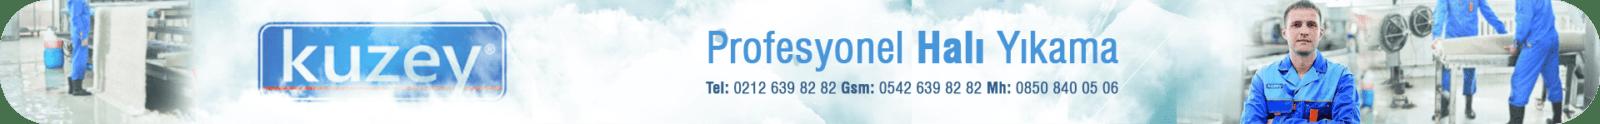 hali yikama banner 1920 149px - Bakırköy Halı Yıkama